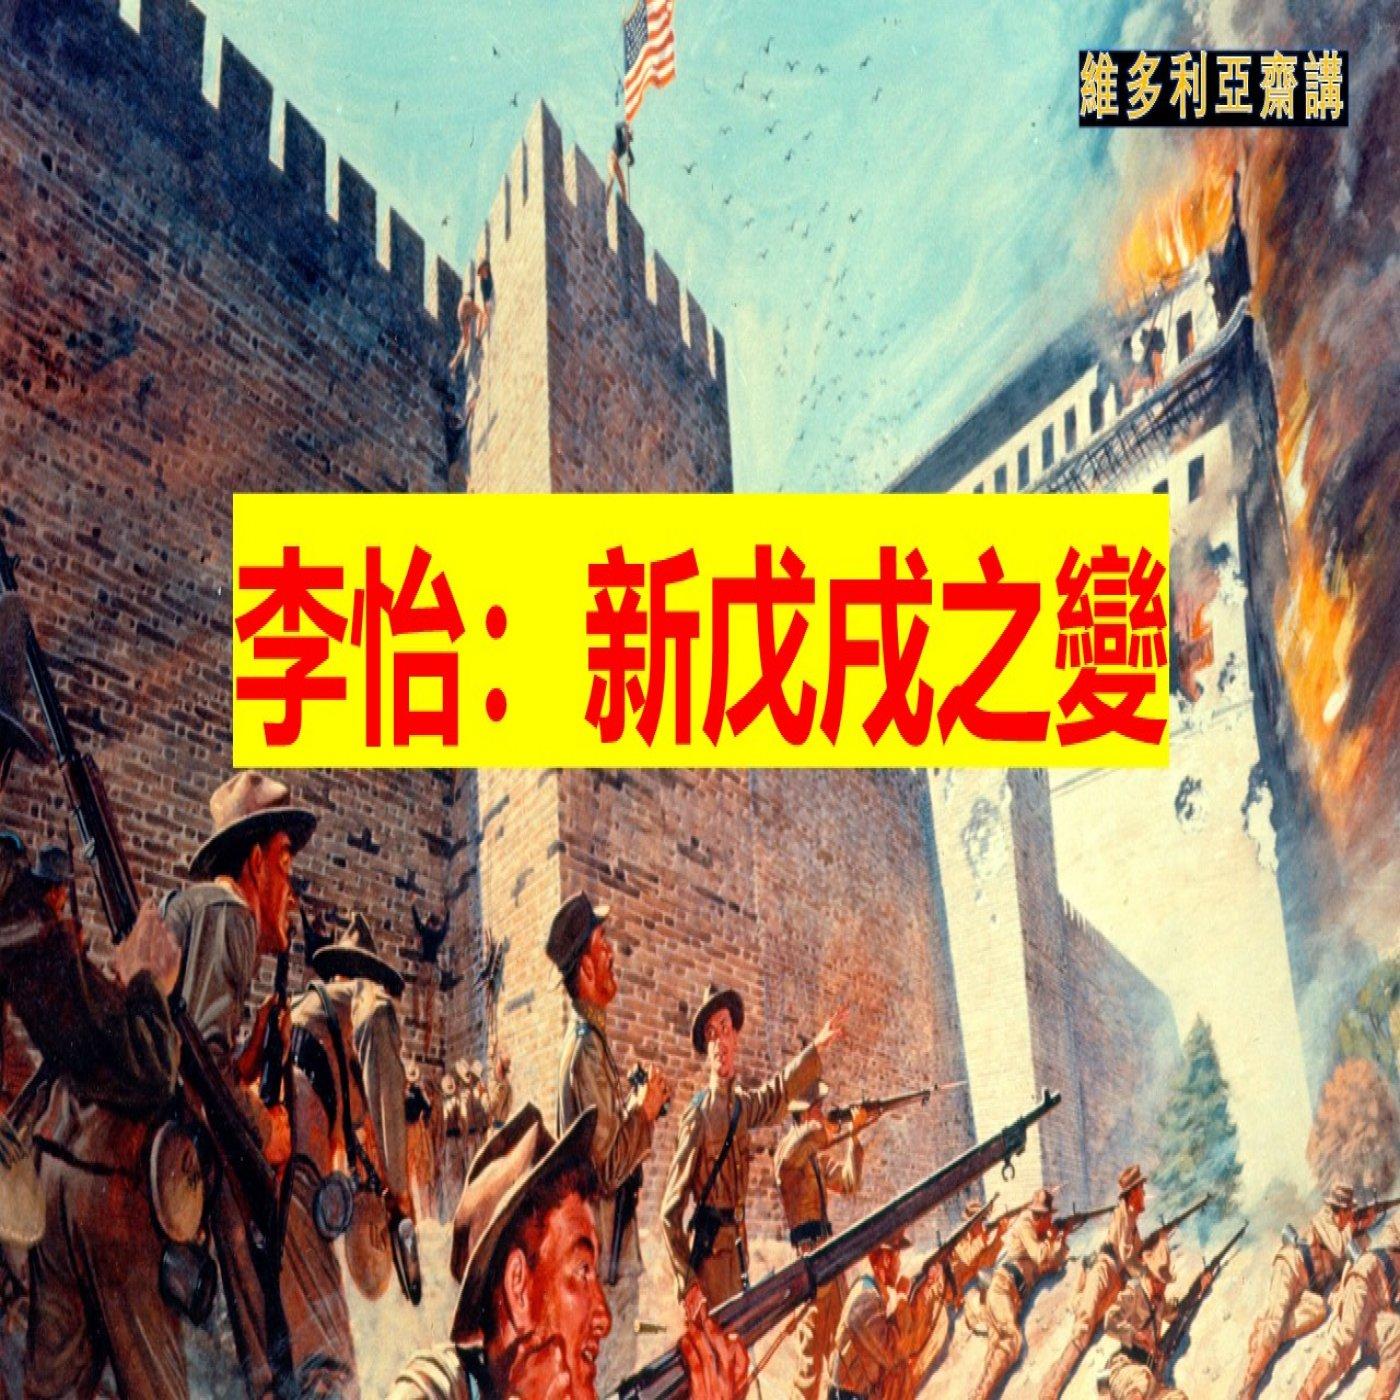 李怡:新戊戌之變 【人類歷史上出現的所有爭鬥,一切動盪,根本原因都是為了爭逐權力】